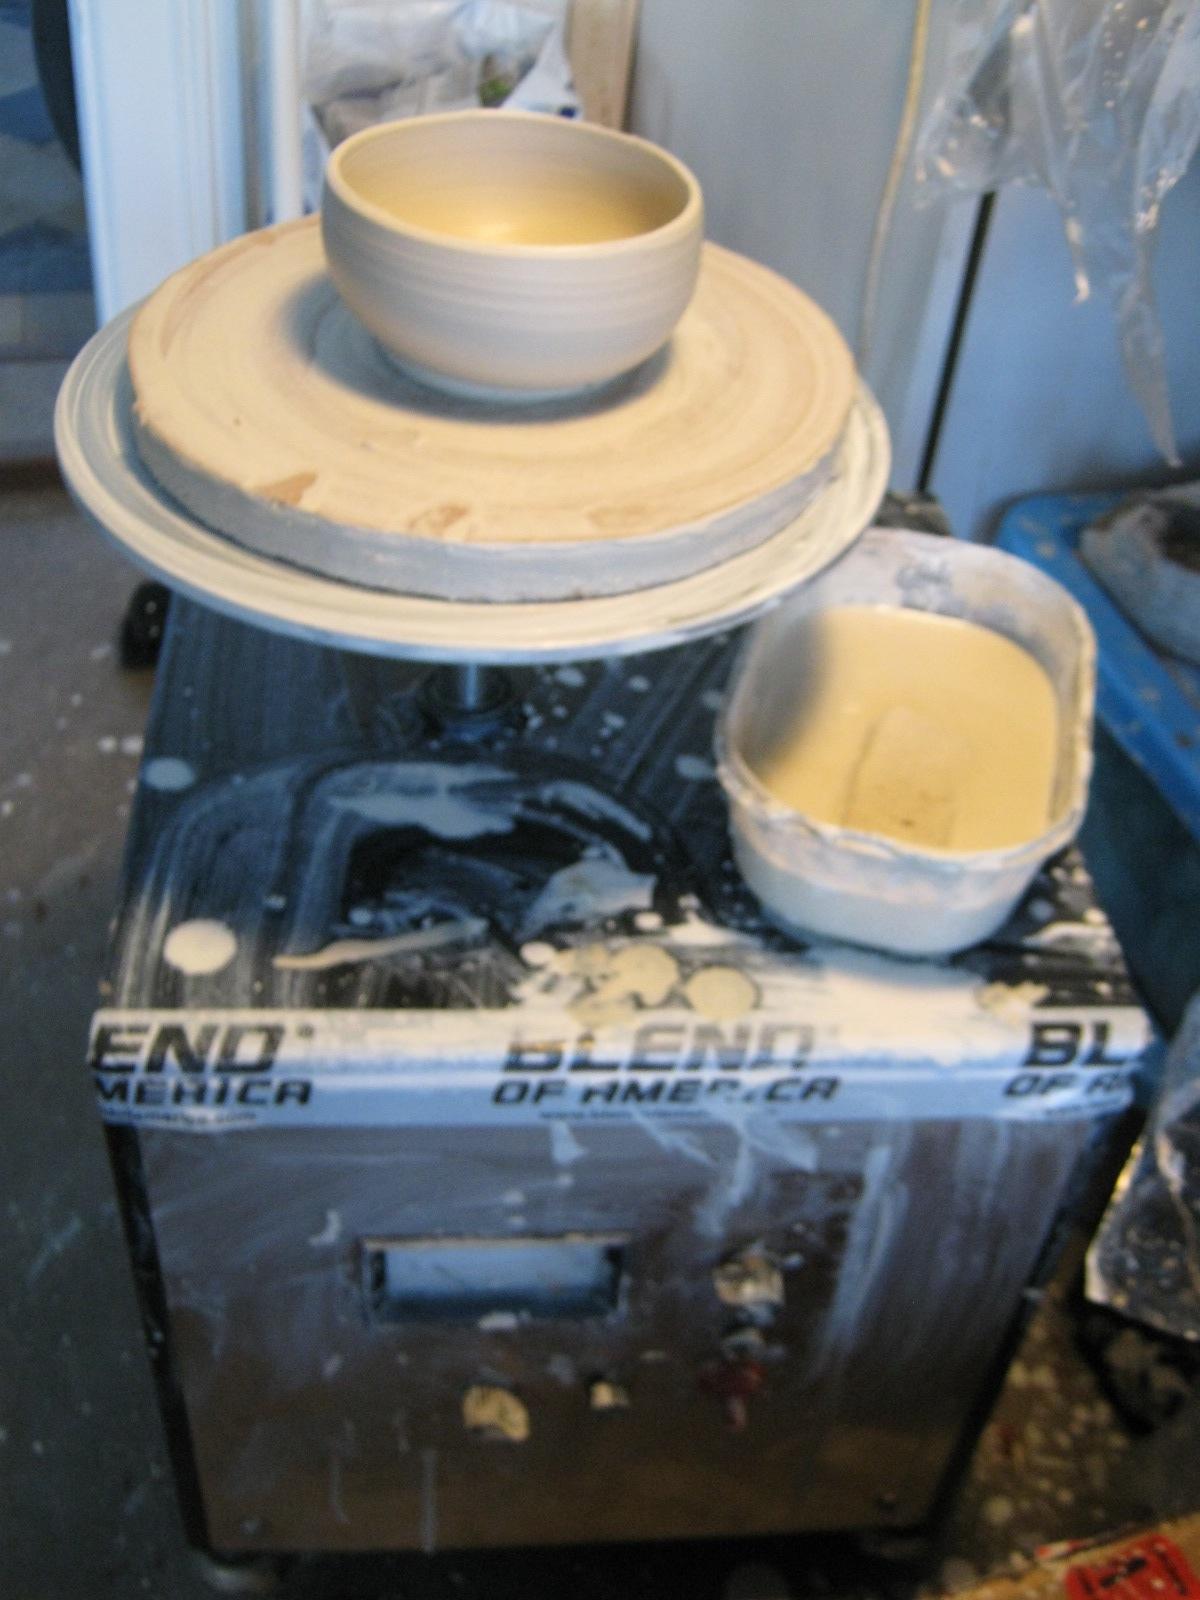 keramik drejeskive Goej Art: Nu med el drejeskive keramik drejeskive